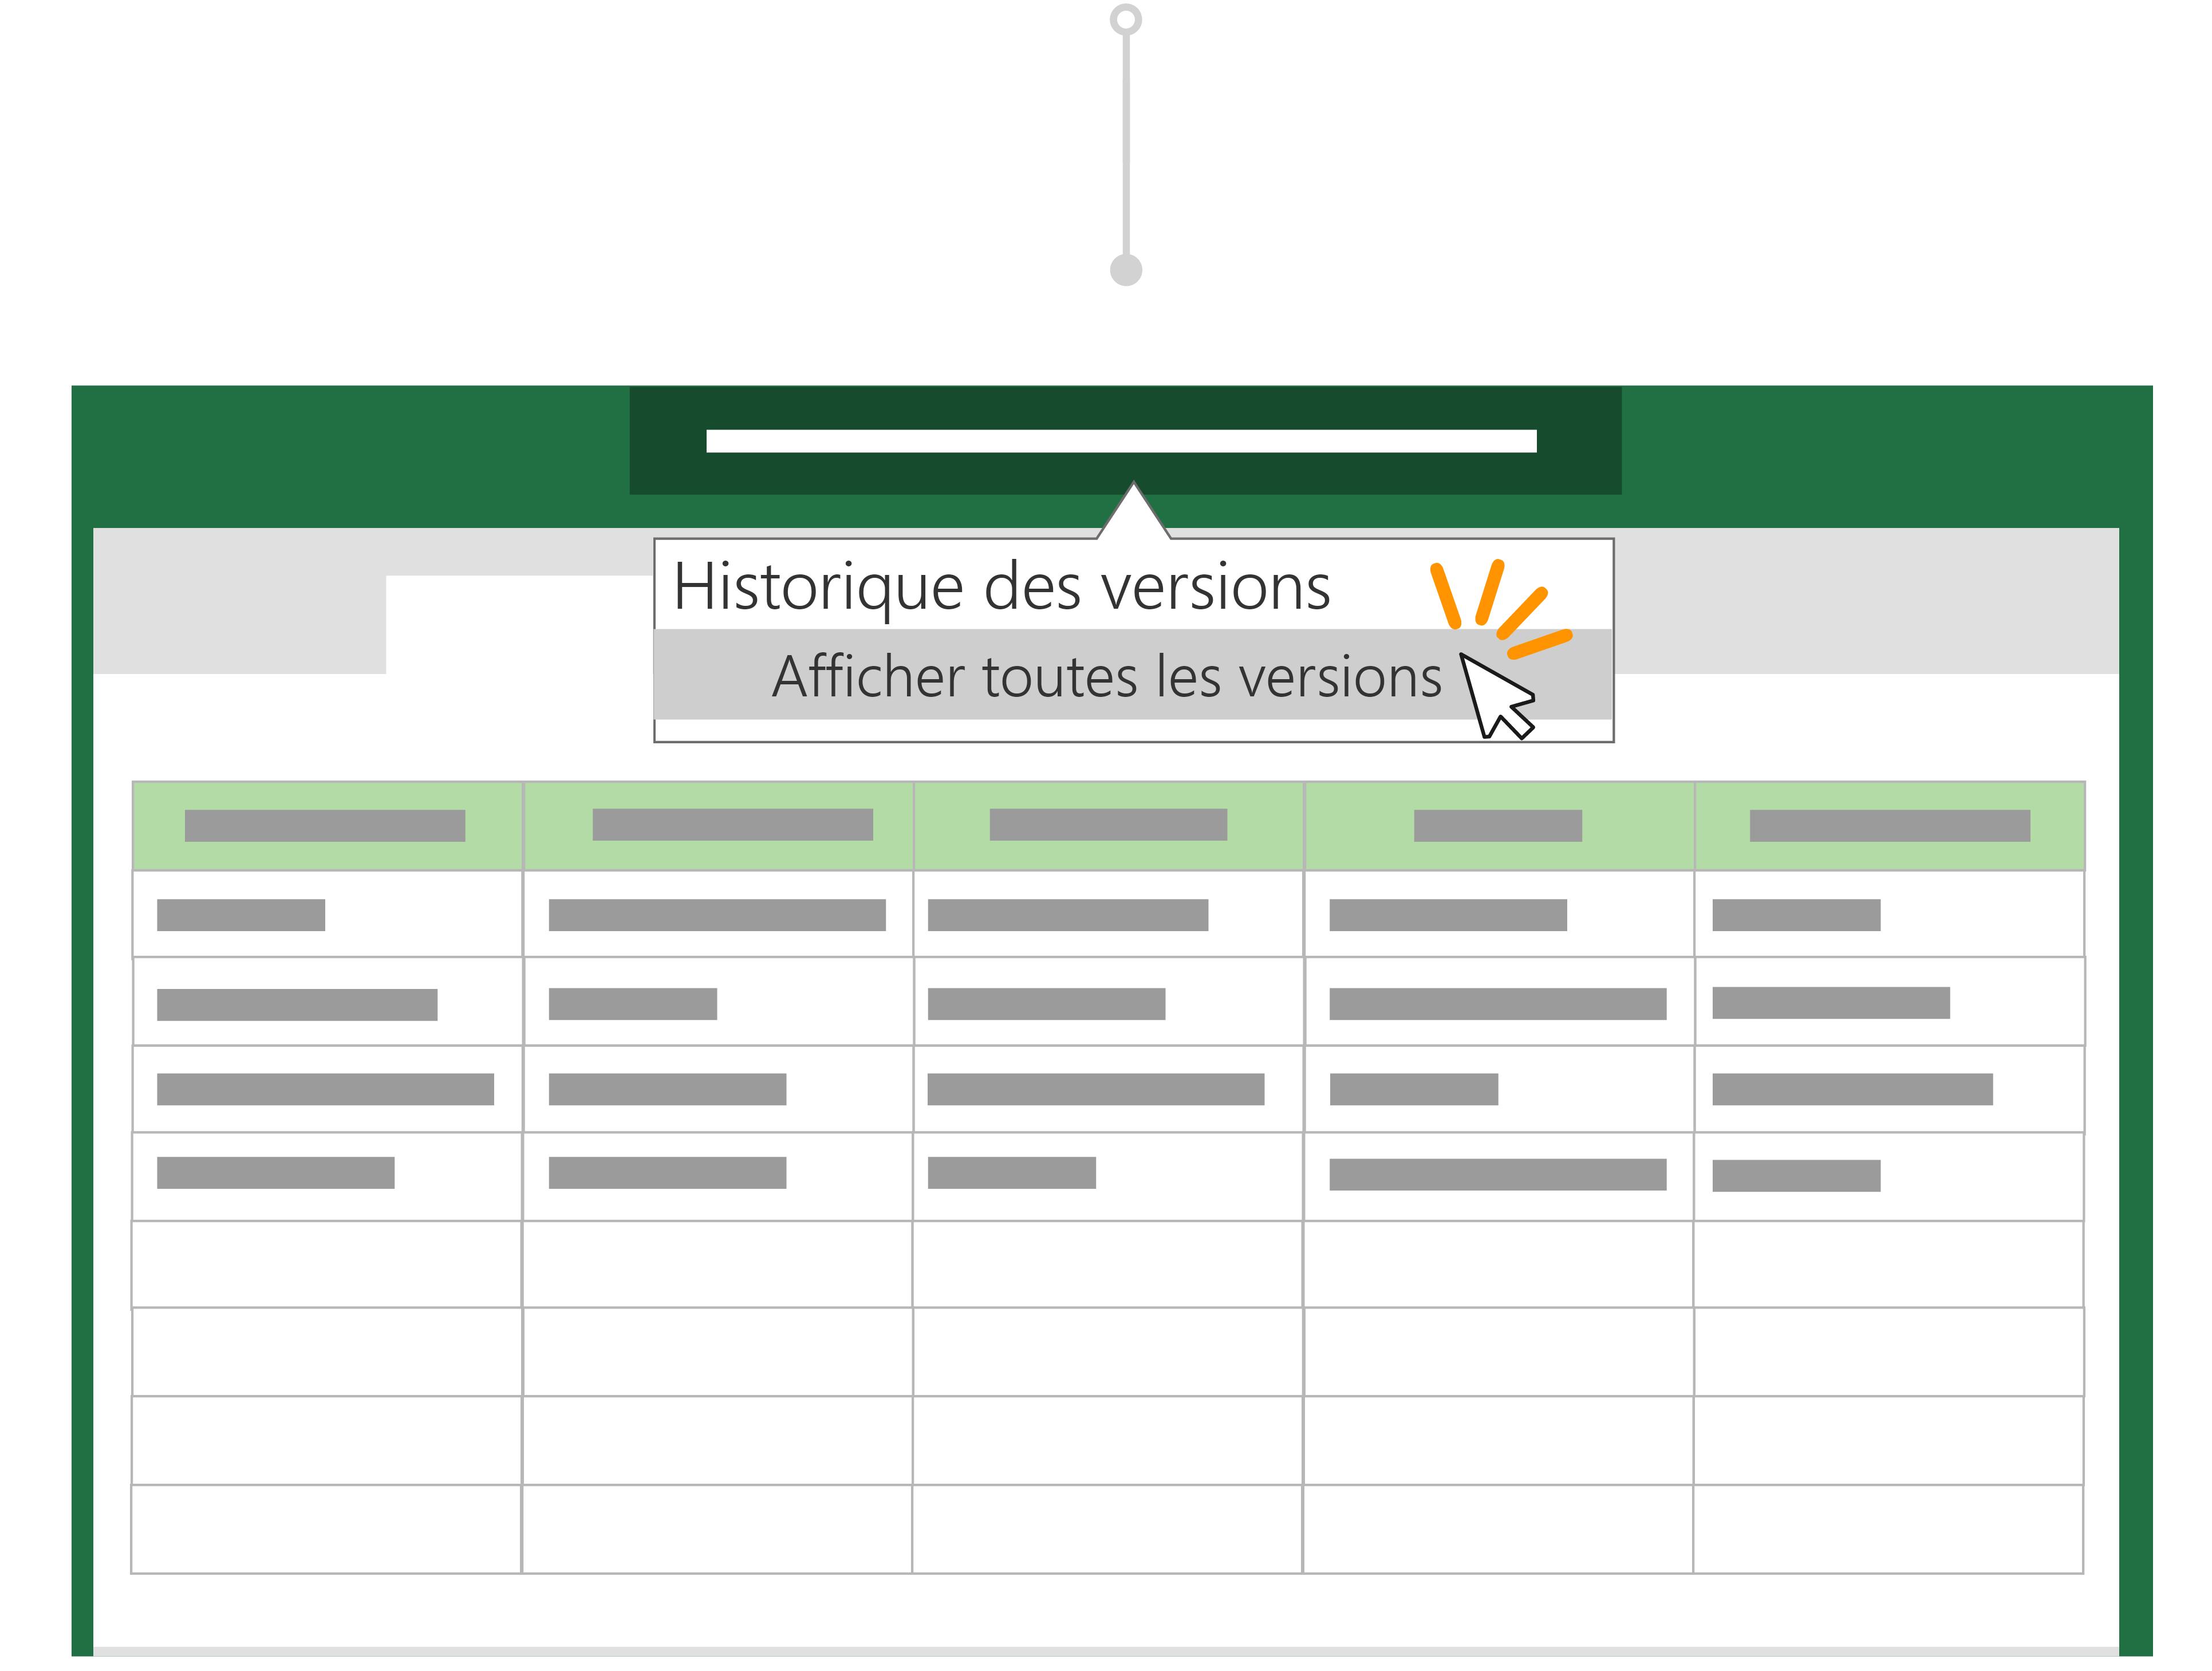 Utiliser l'historique des versions pour revenir à une version précédente d'un fichier.